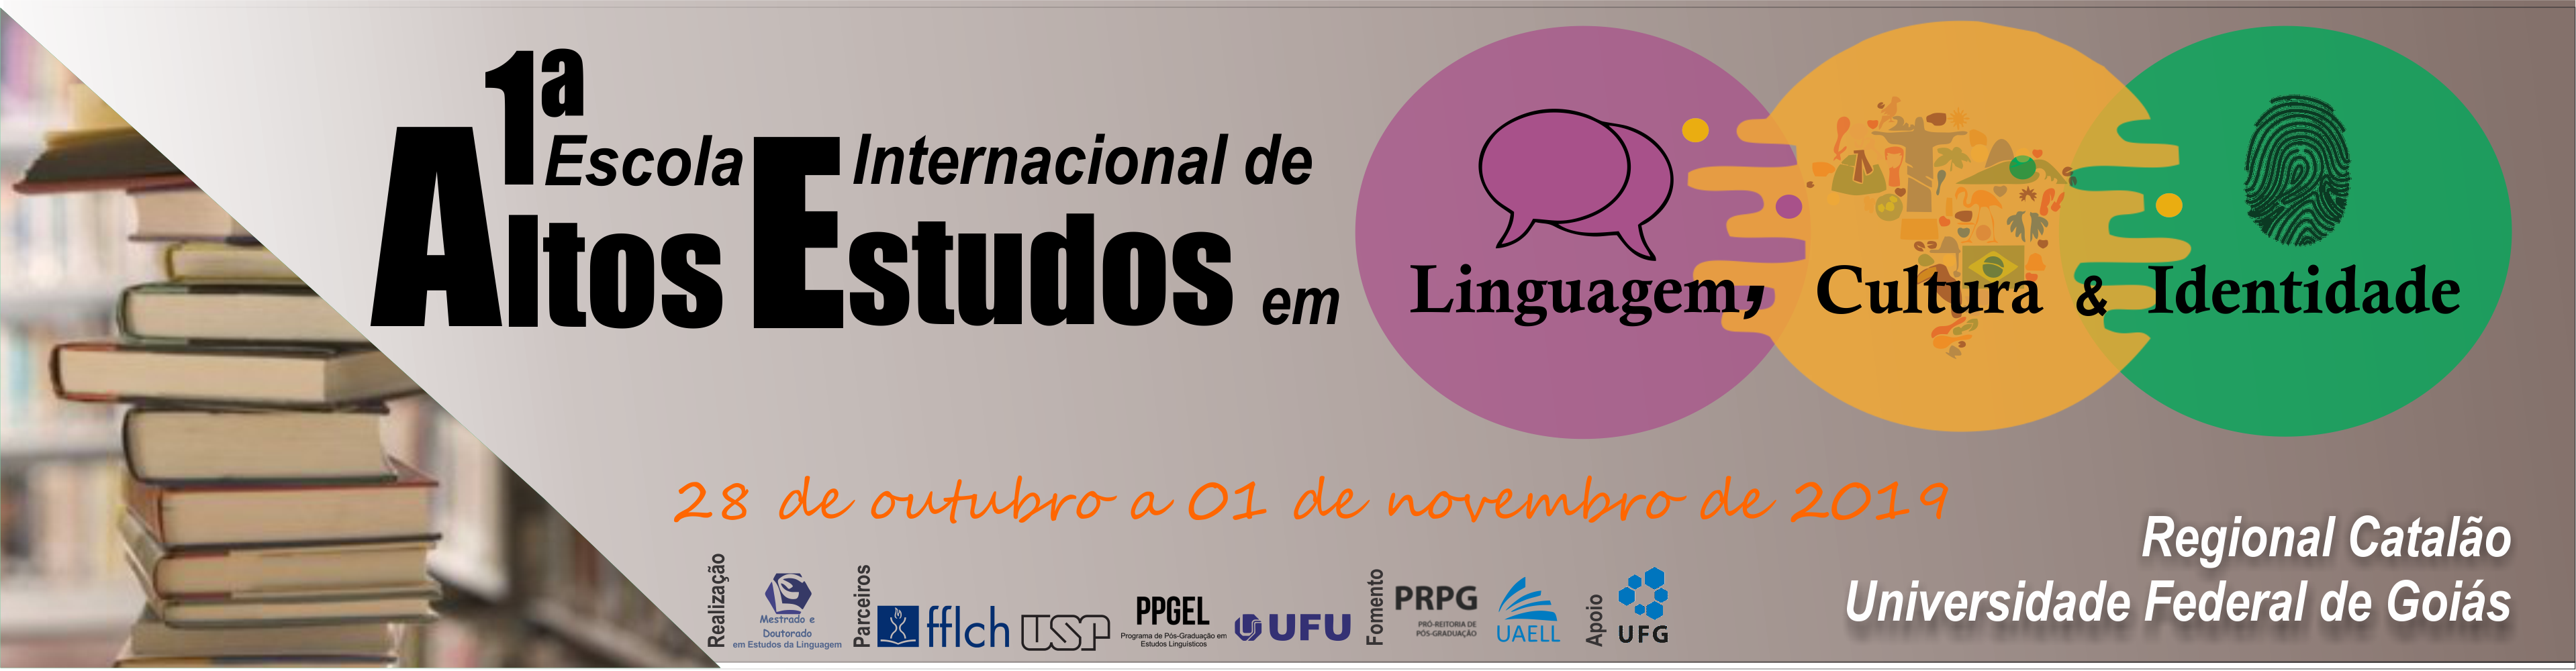 banner_escola de altos estudos em linguage, cultura e identidade